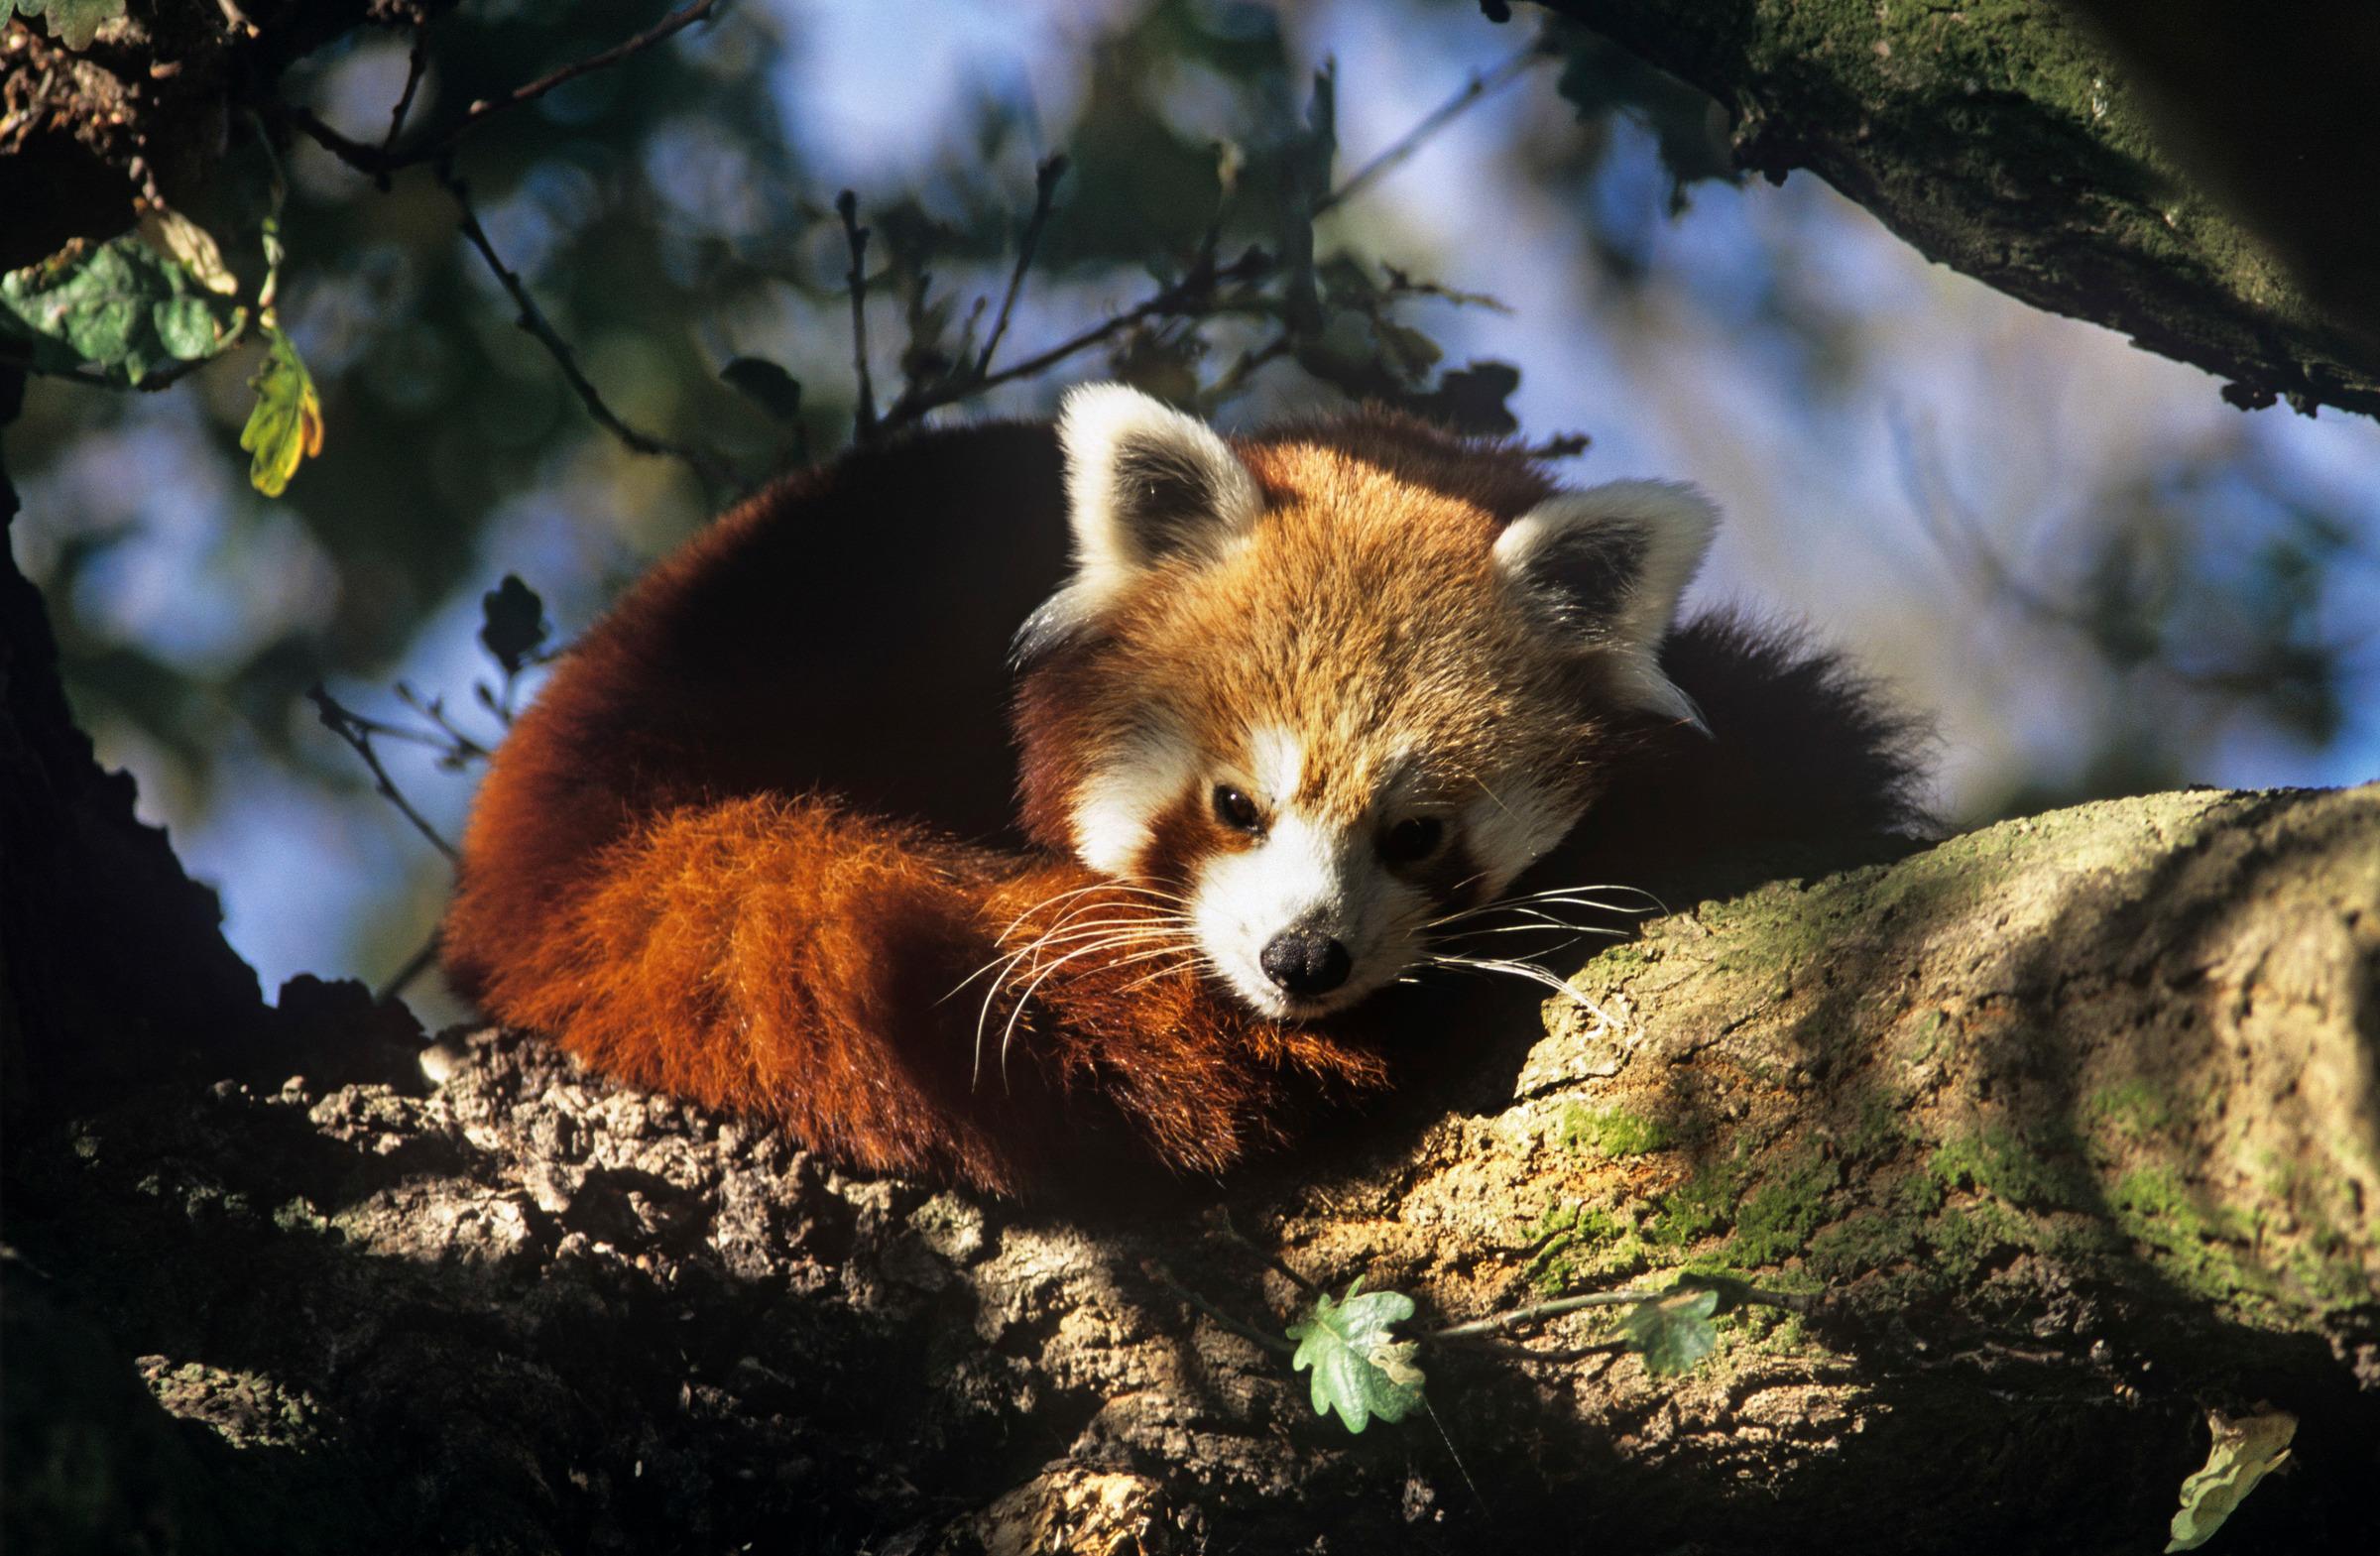 Un panda roux sur une branche